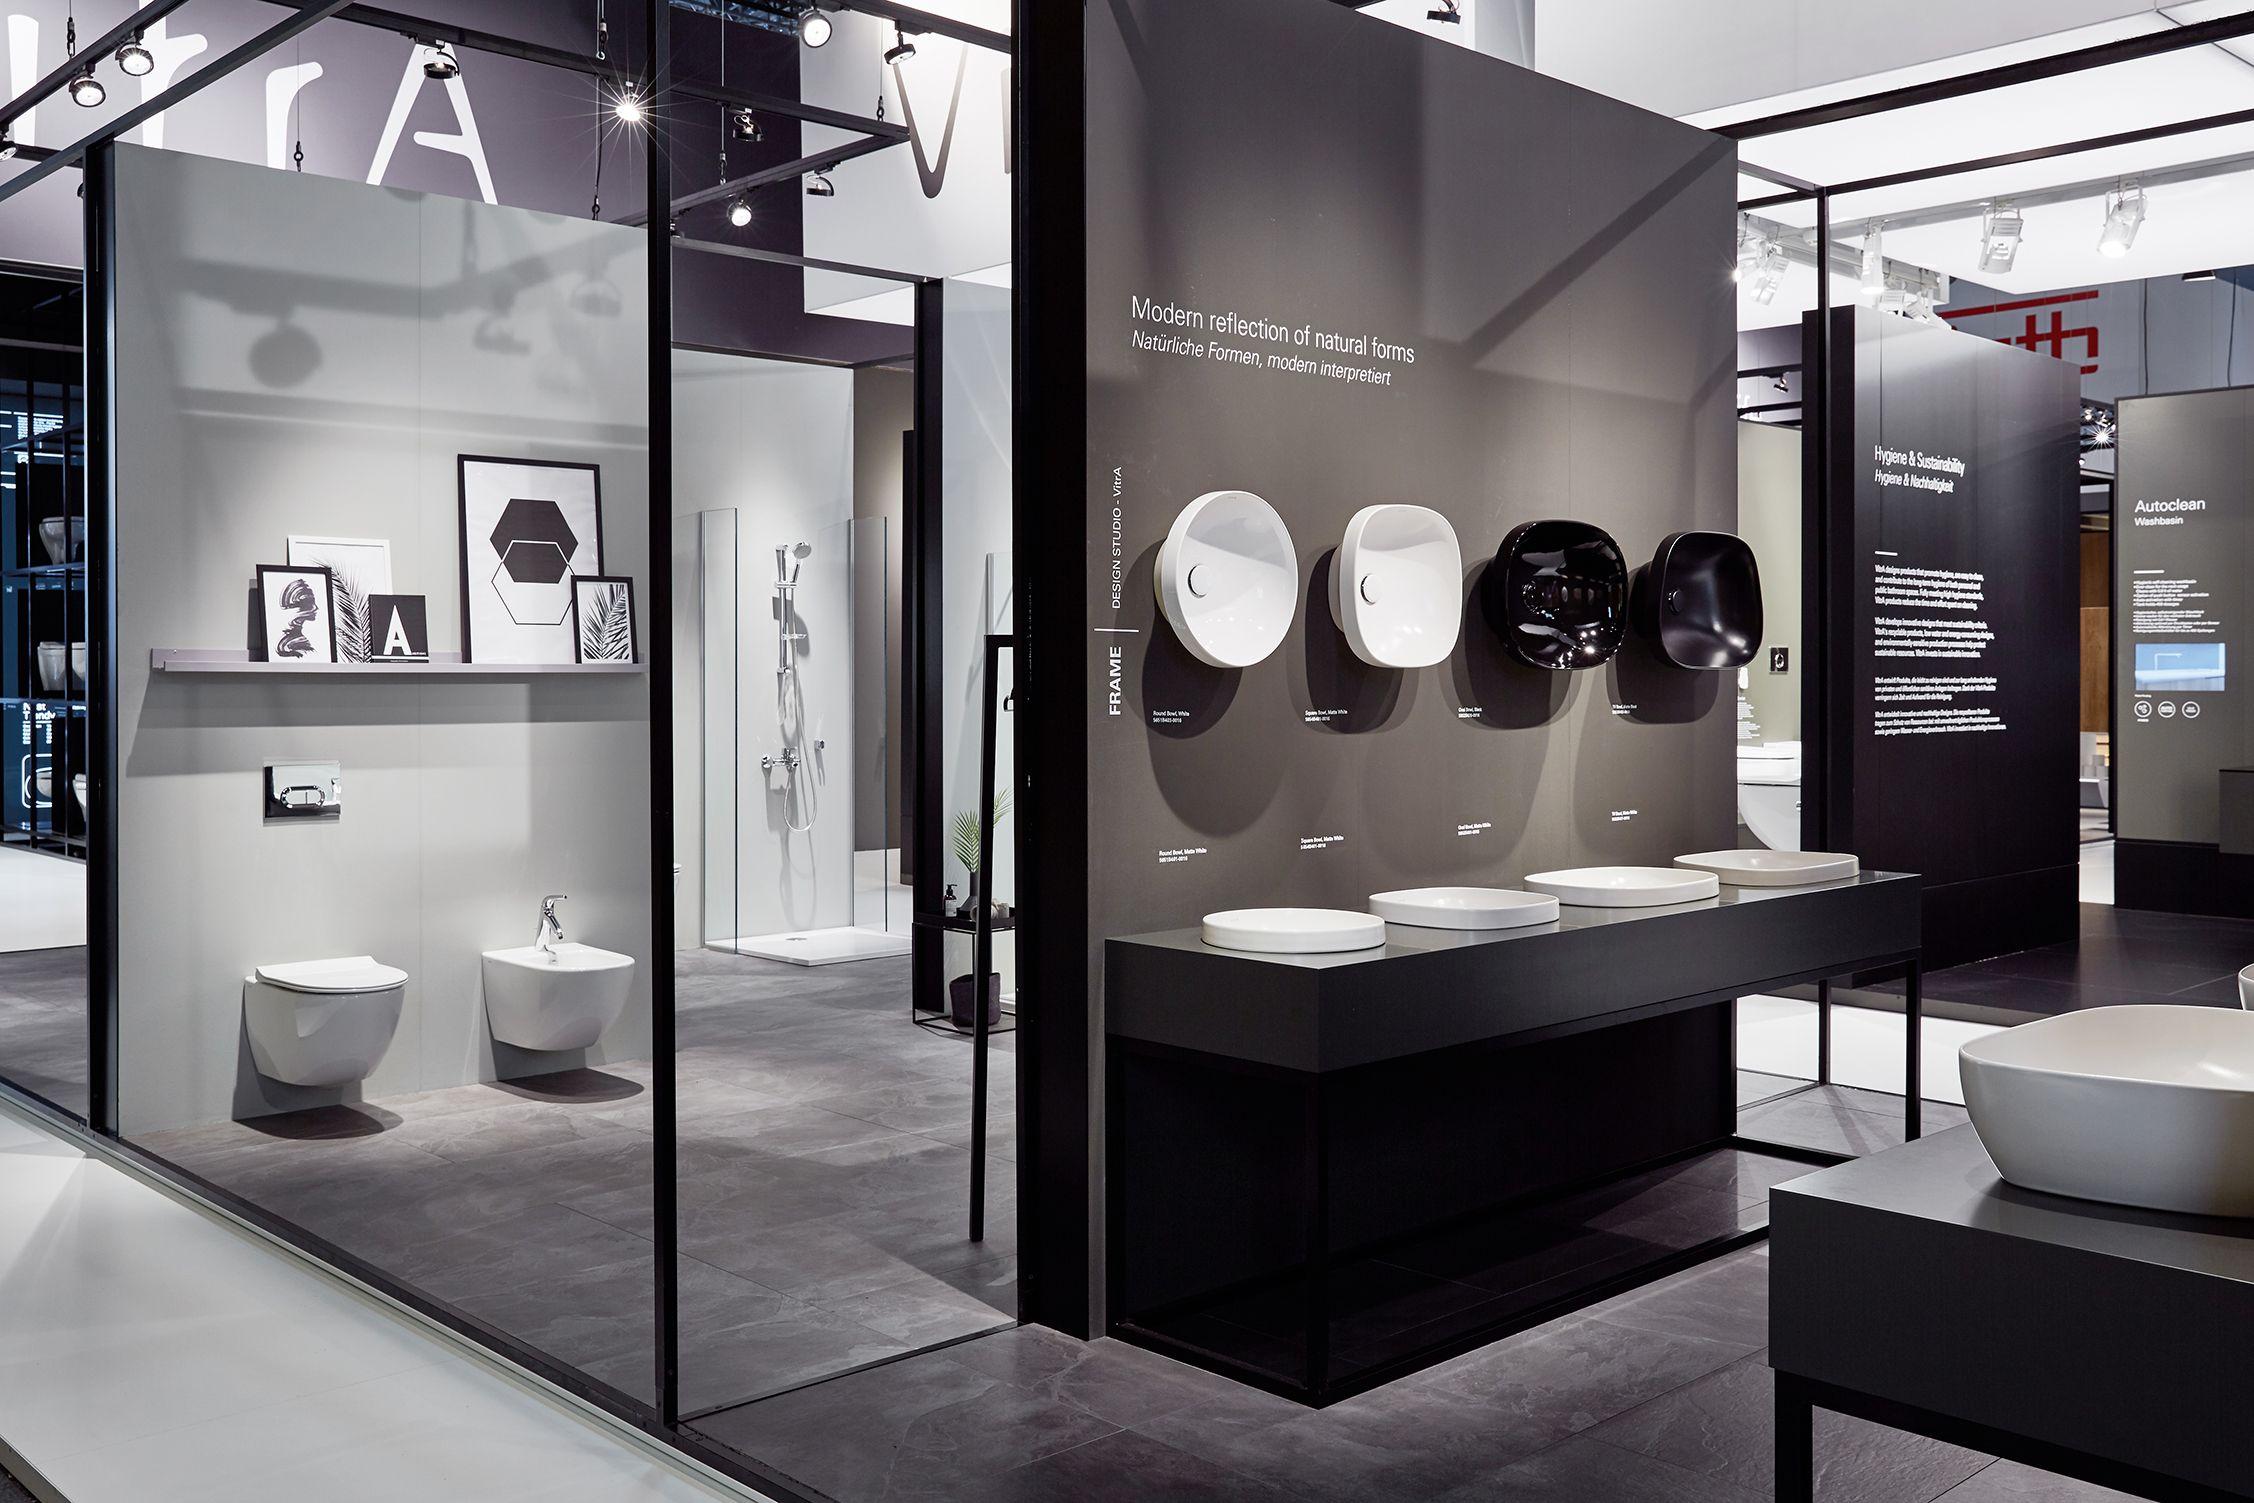 vitra ish frankfurt 2017 vitra ish pinterest frankfurt showroom and display. Black Bedroom Furniture Sets. Home Design Ideas